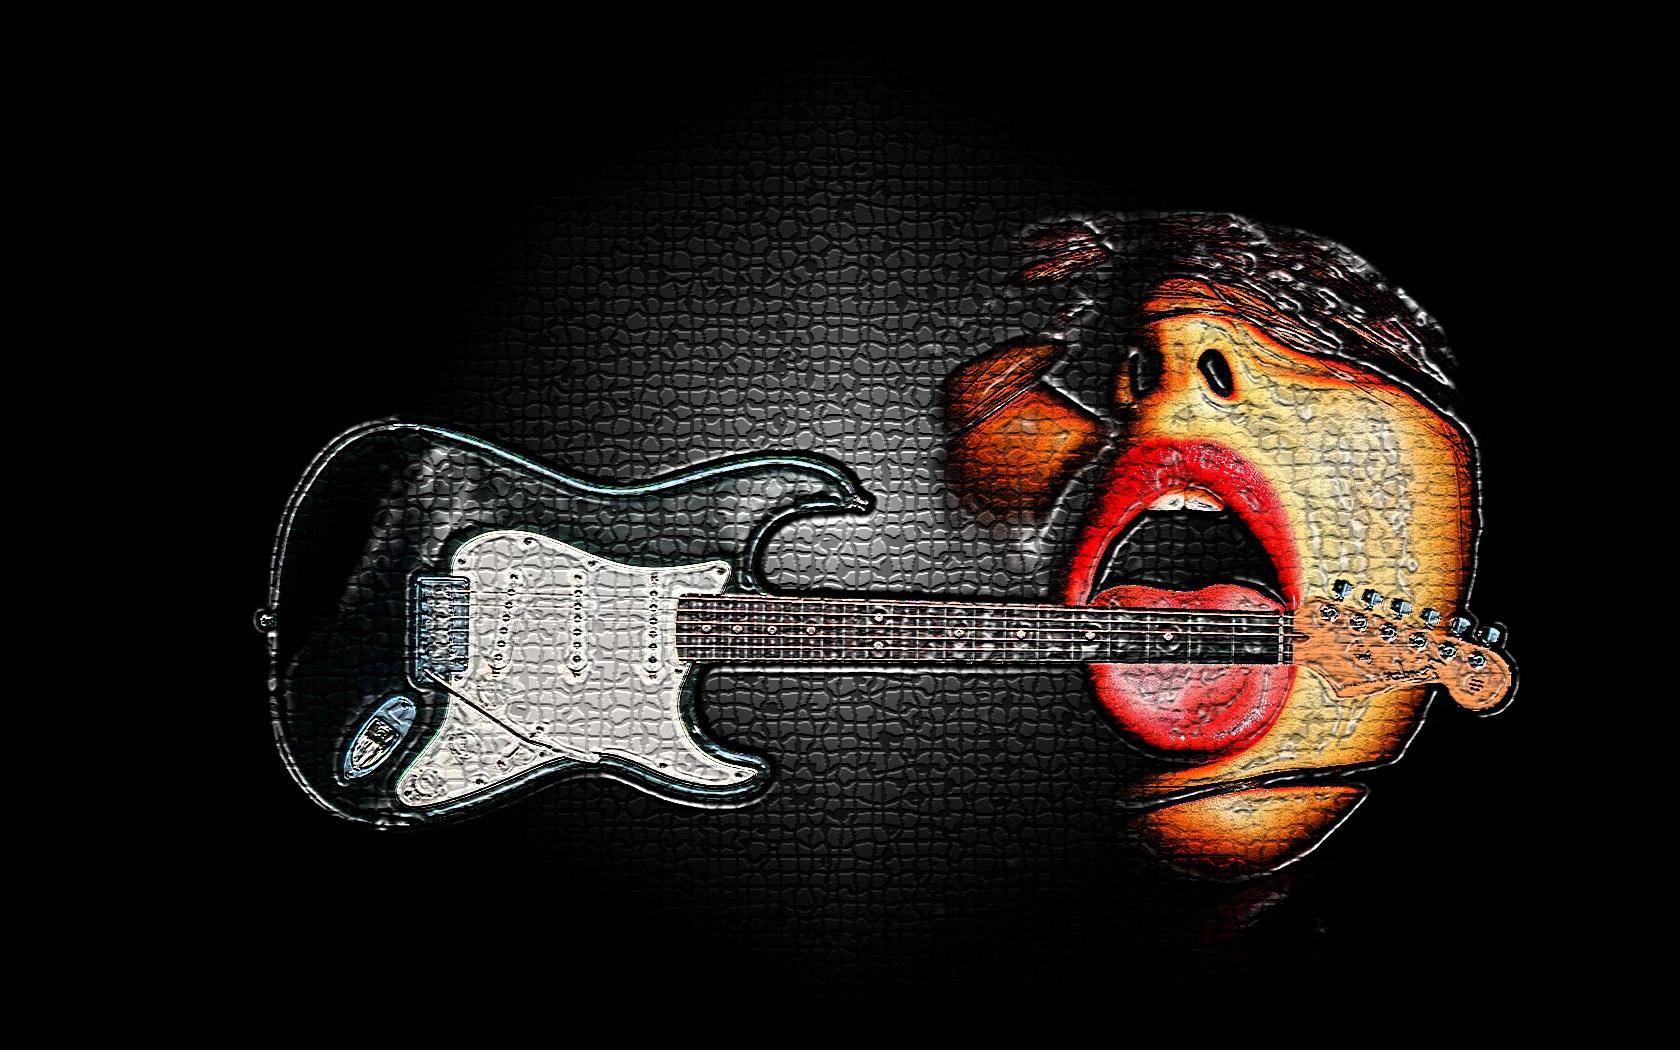 3d Wallpaper Hd Music